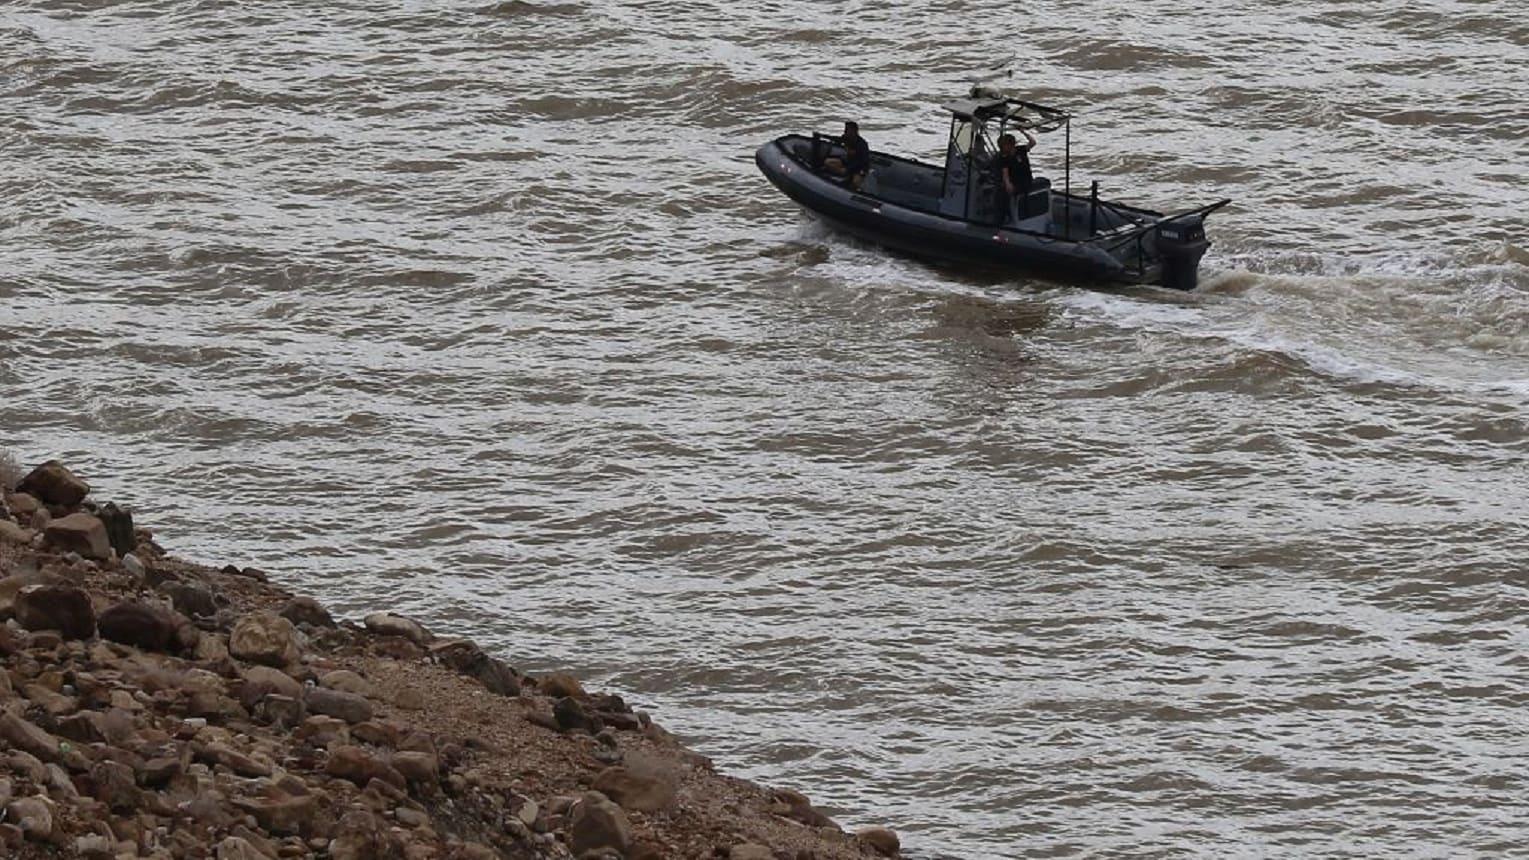 حادثة البحر الميت.. شاهد عيان يروي لـCNN تفاصيل ما رآه